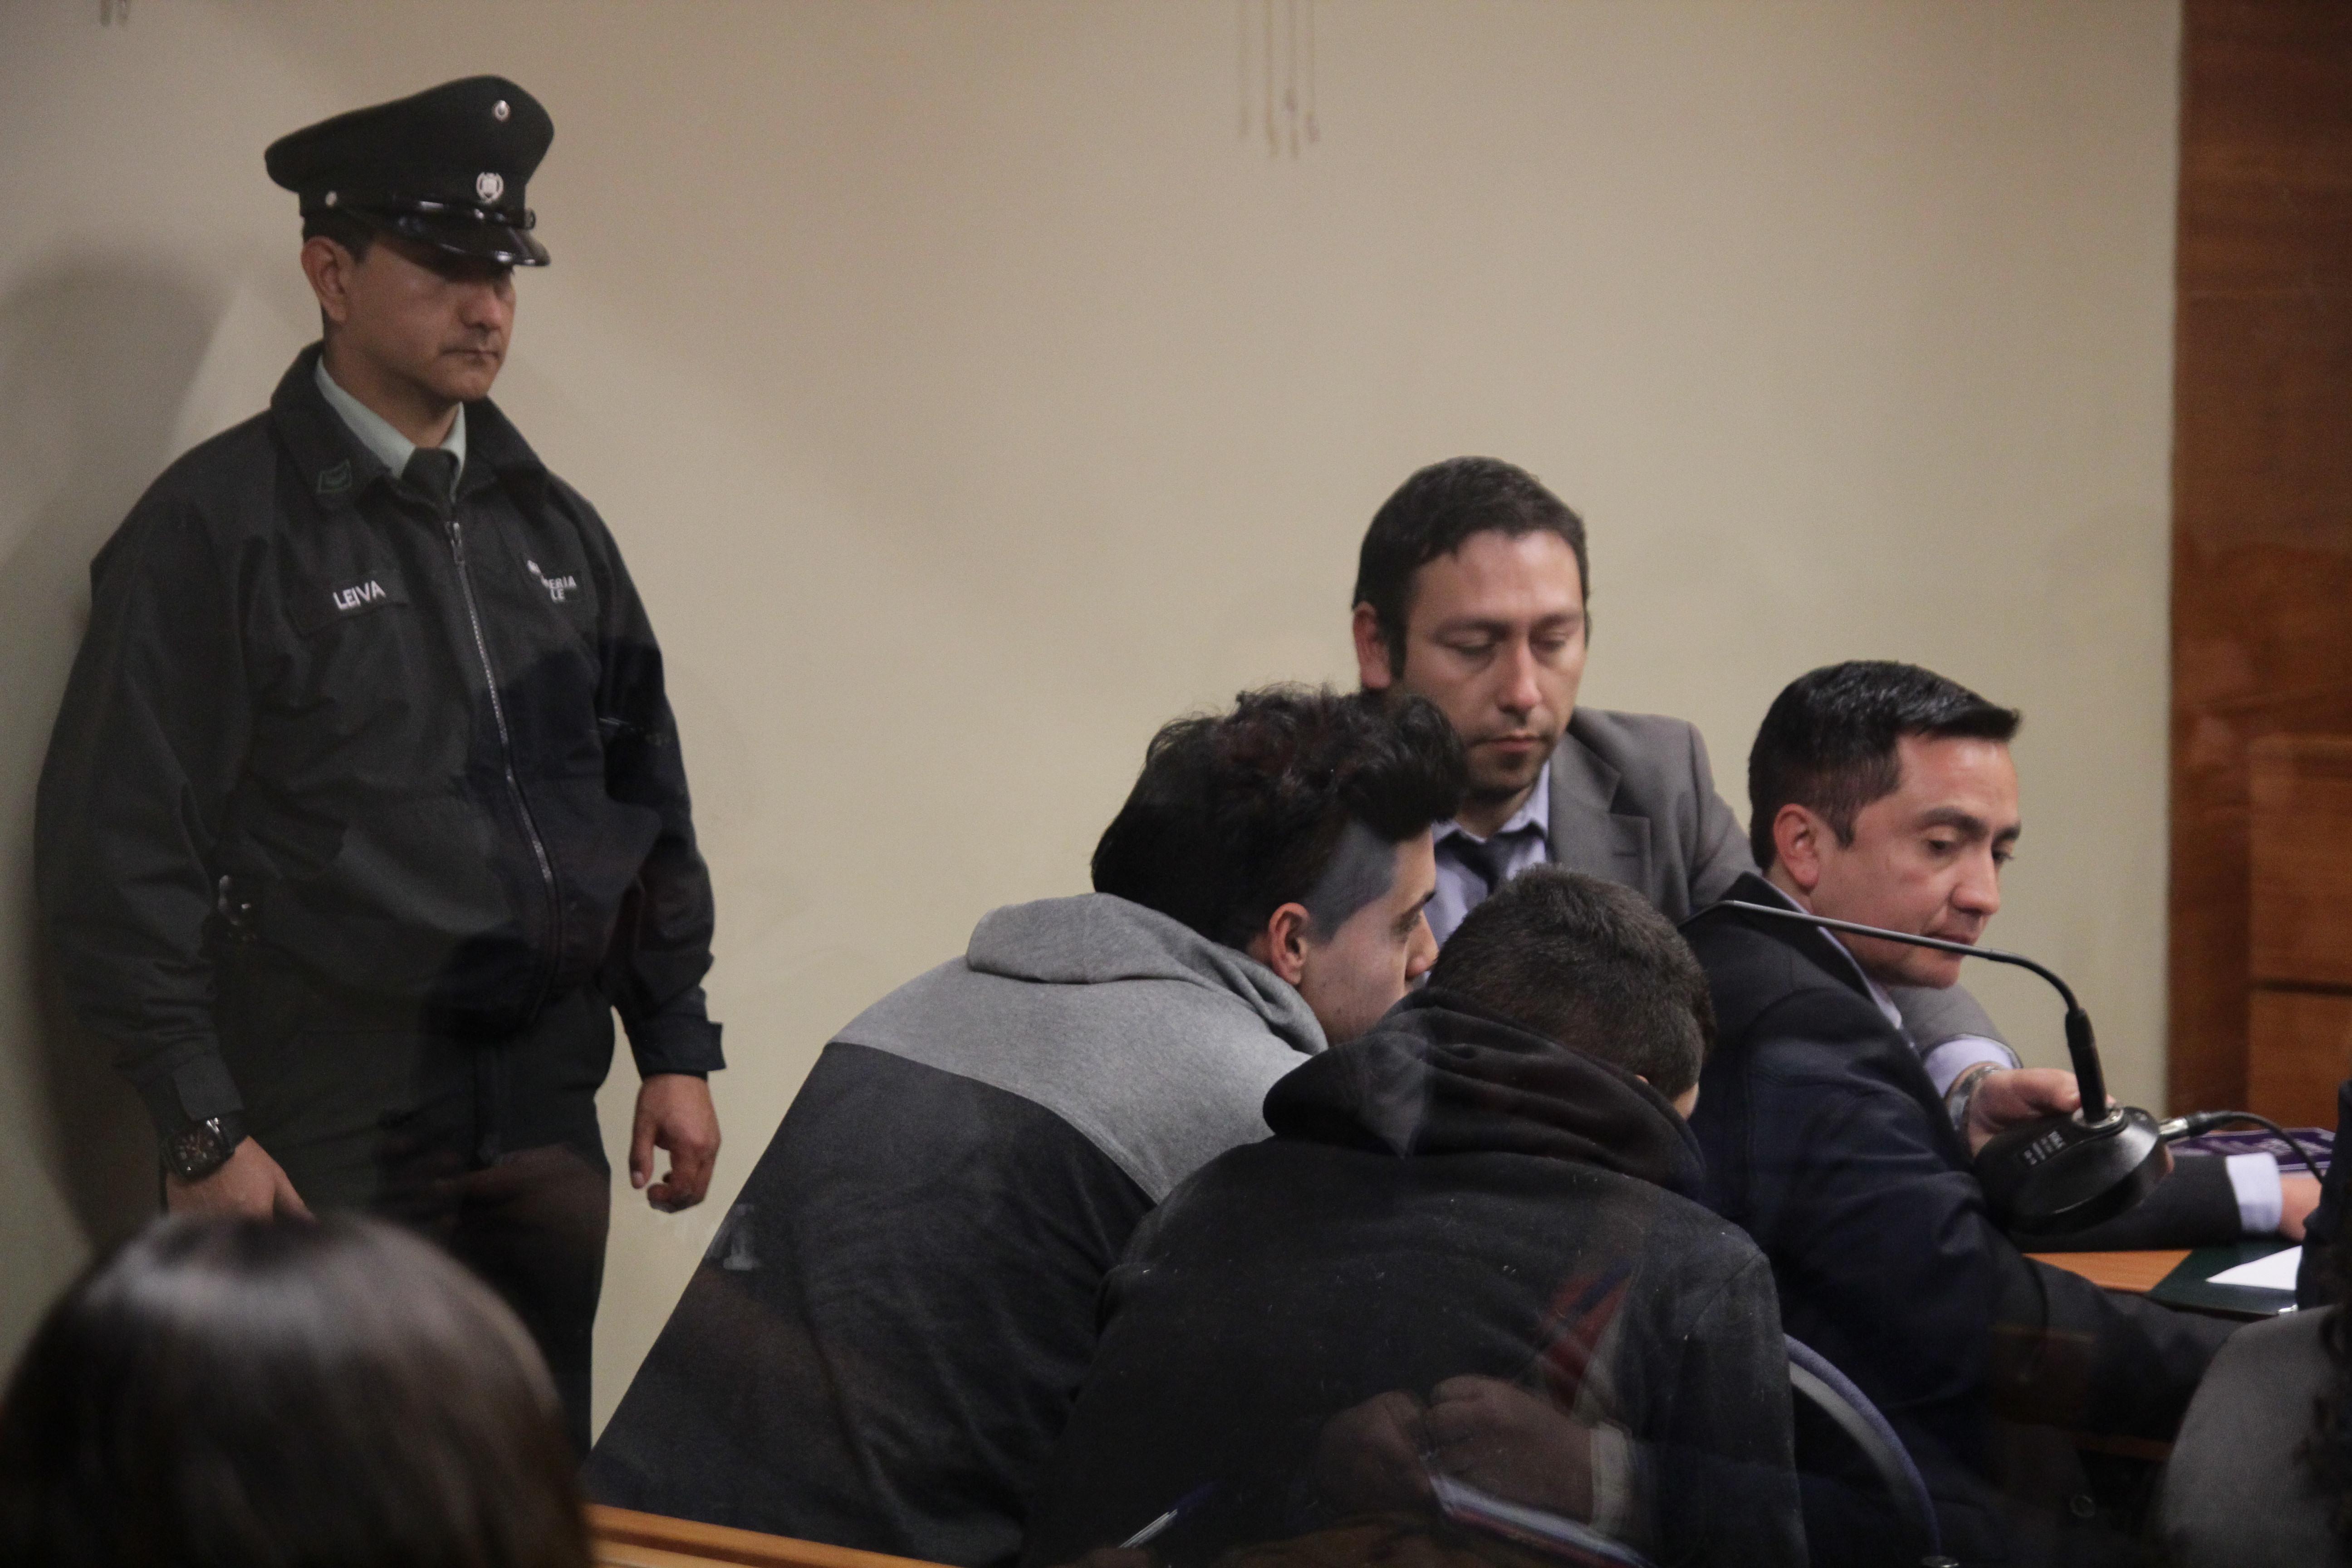 La audiencia será para revisar las medidas cautelares (prisión preventiva) de los imputados.